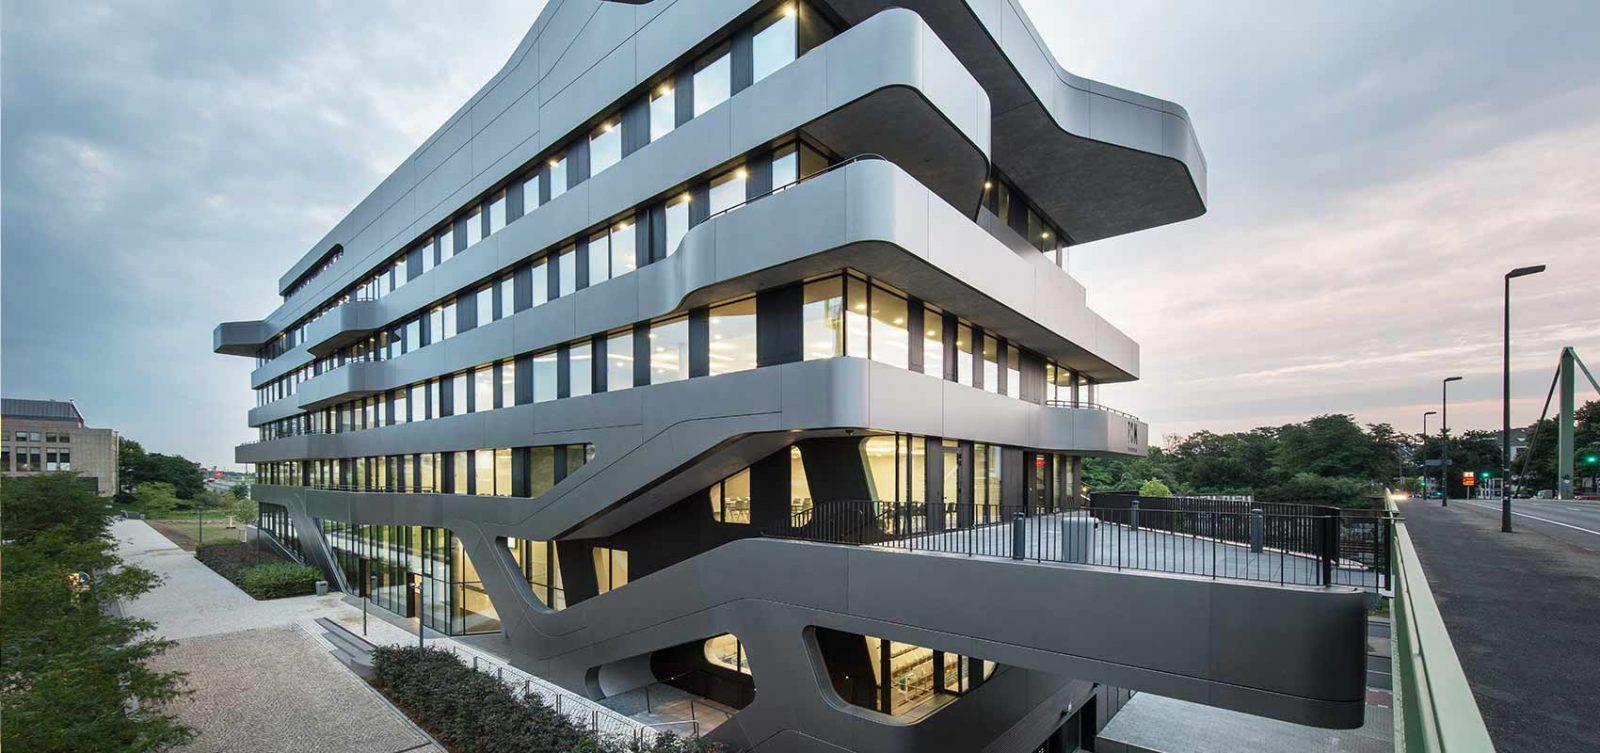 Das Gebäude der FOM Hochschule